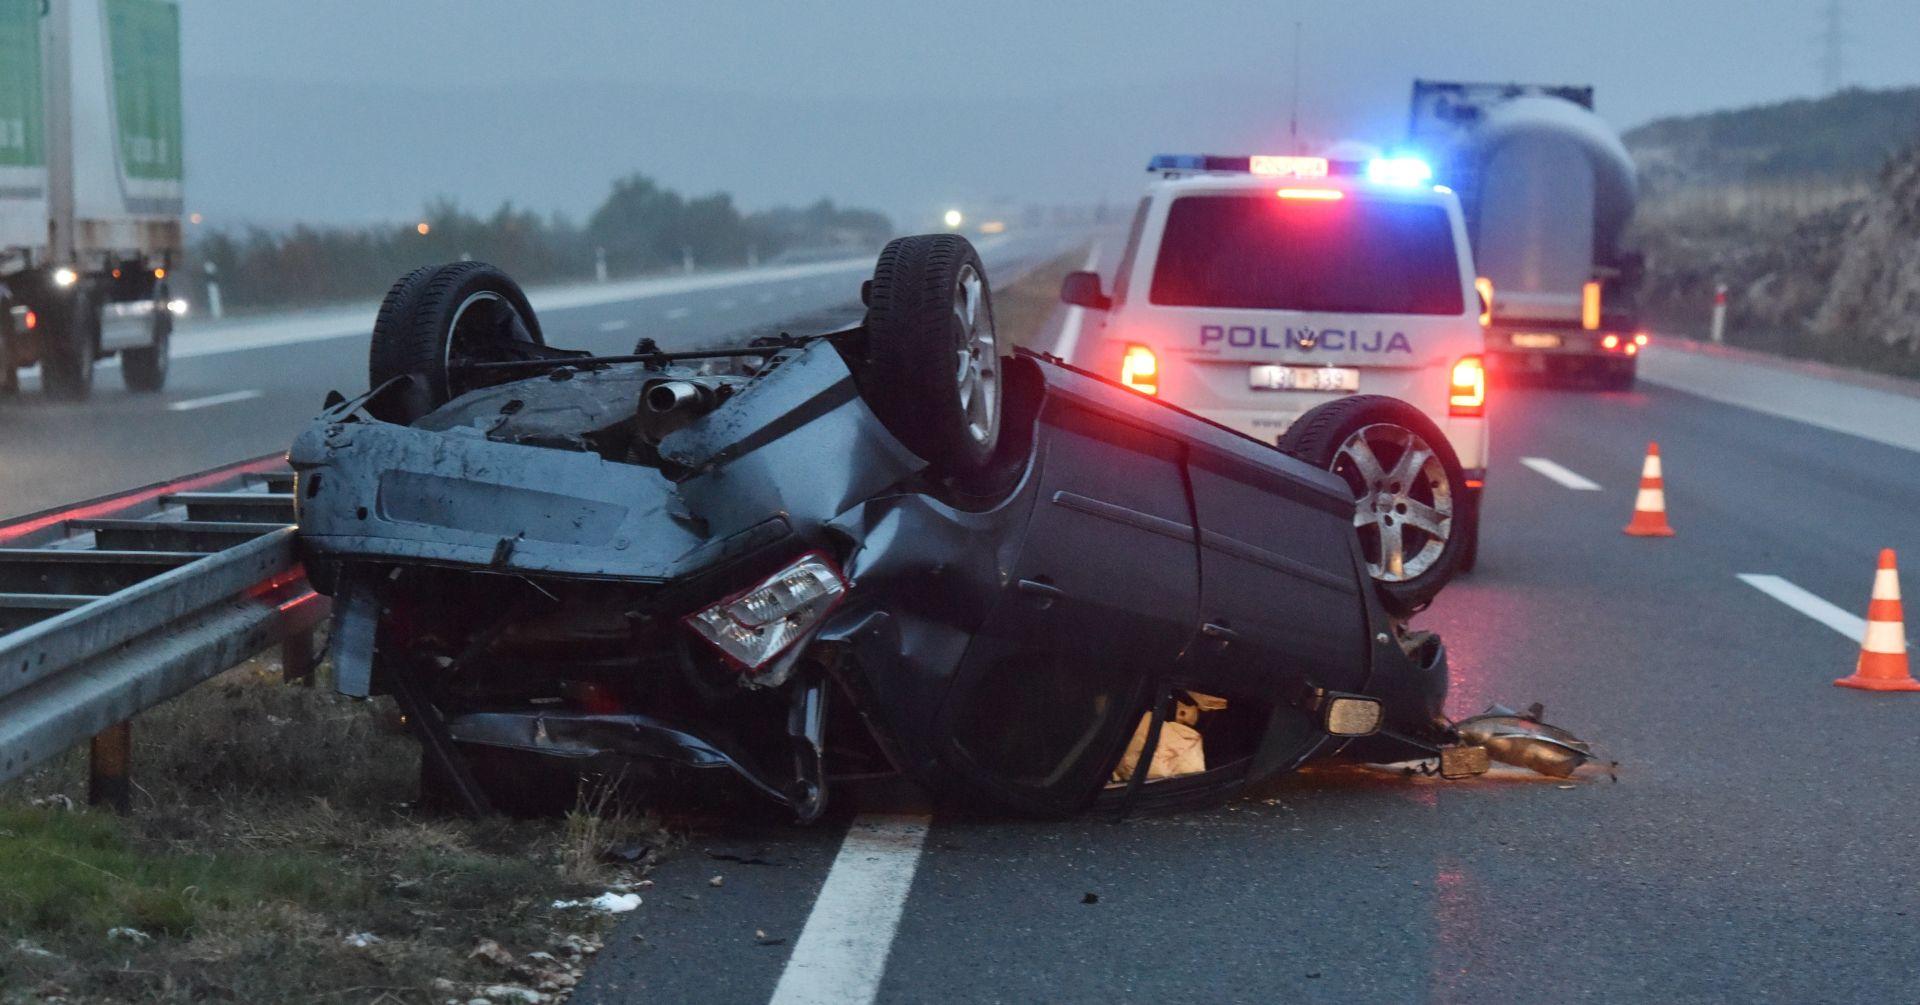 ADAC-ovi podaci o smrtnosti na njemačkim cestama u 2016. otkrivaju – stanje u Hrvatskoj je dvostruke gore